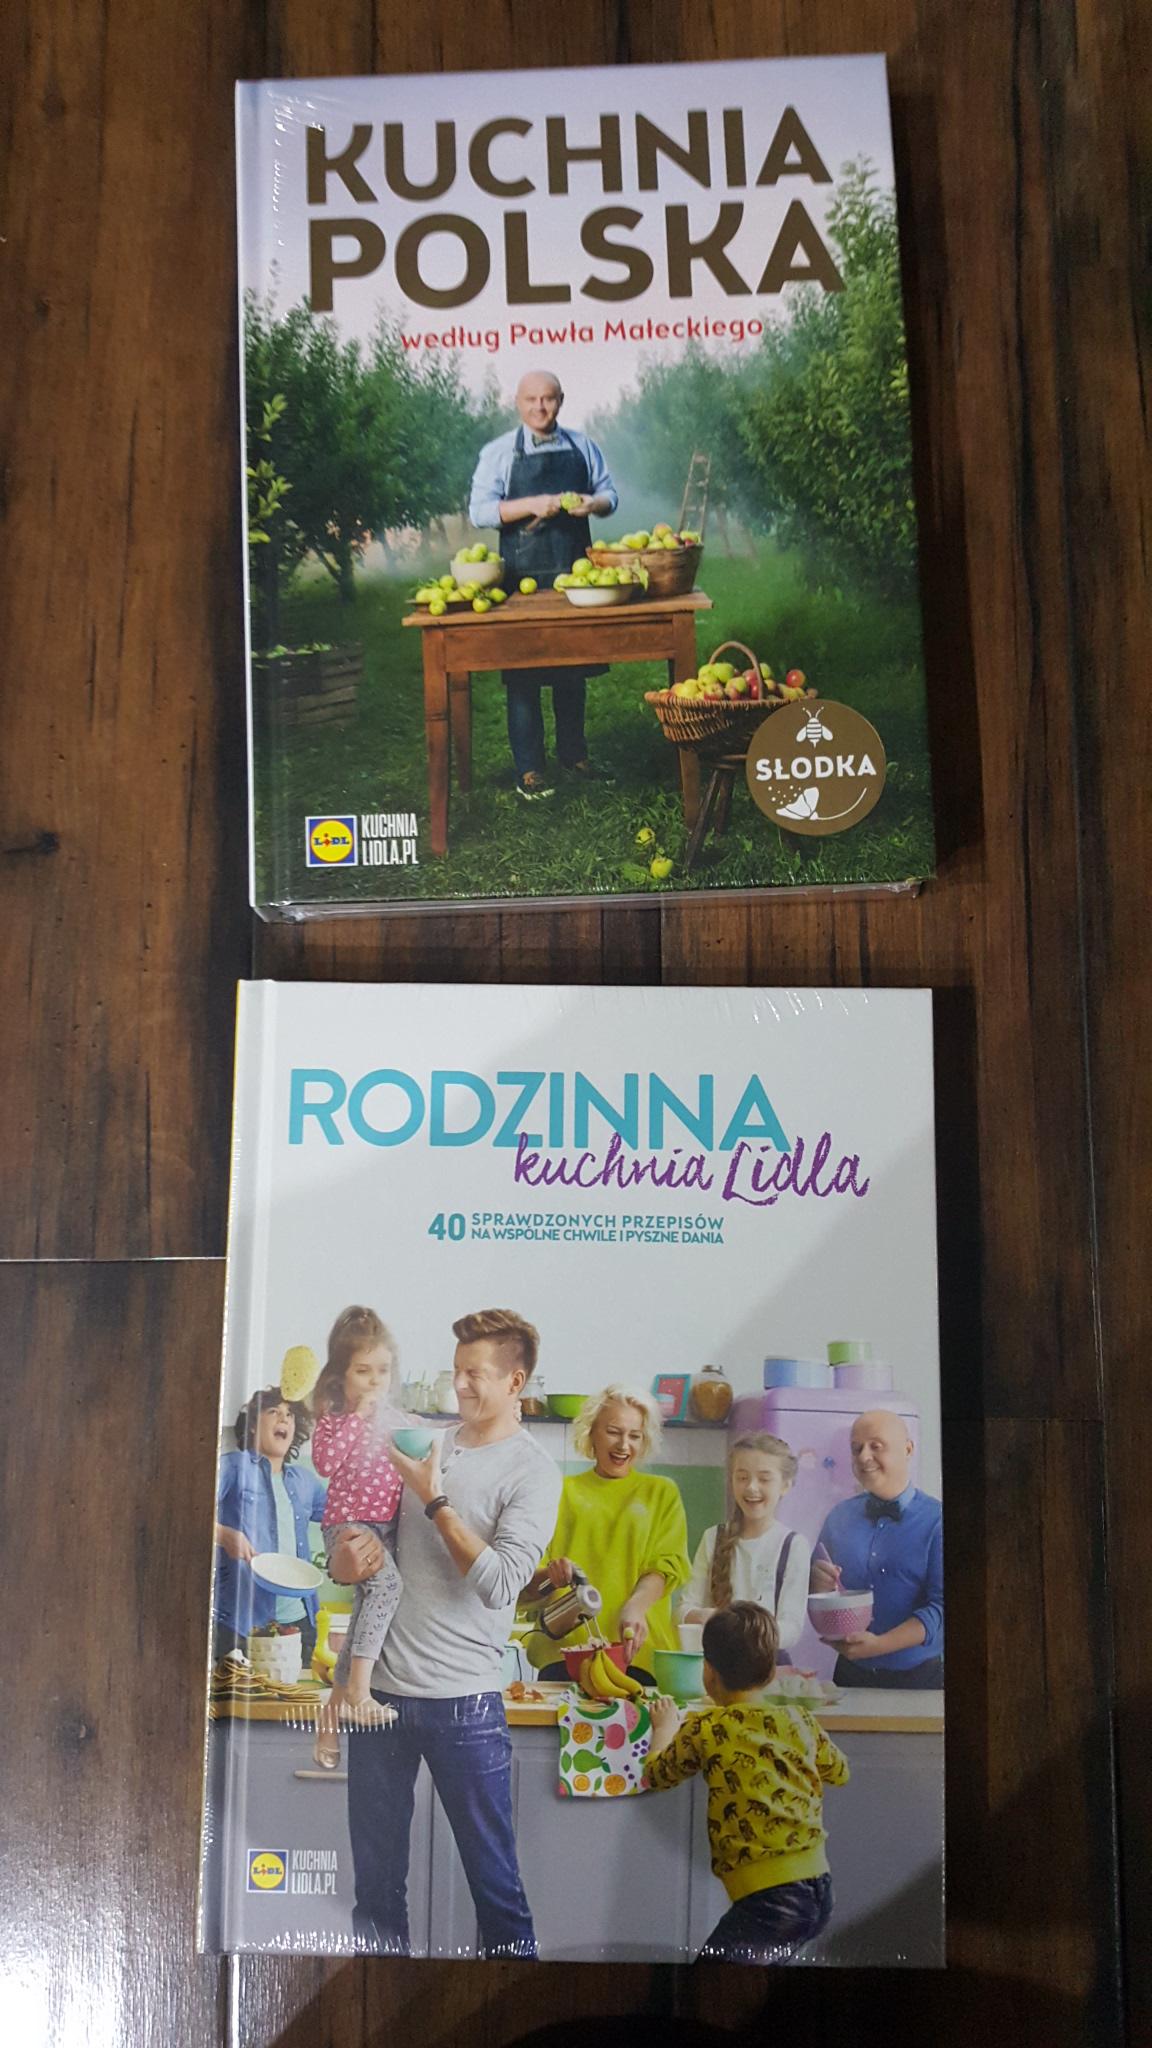 Książka Lidl Kuchnia Polska Słodkarodzinna Lidla